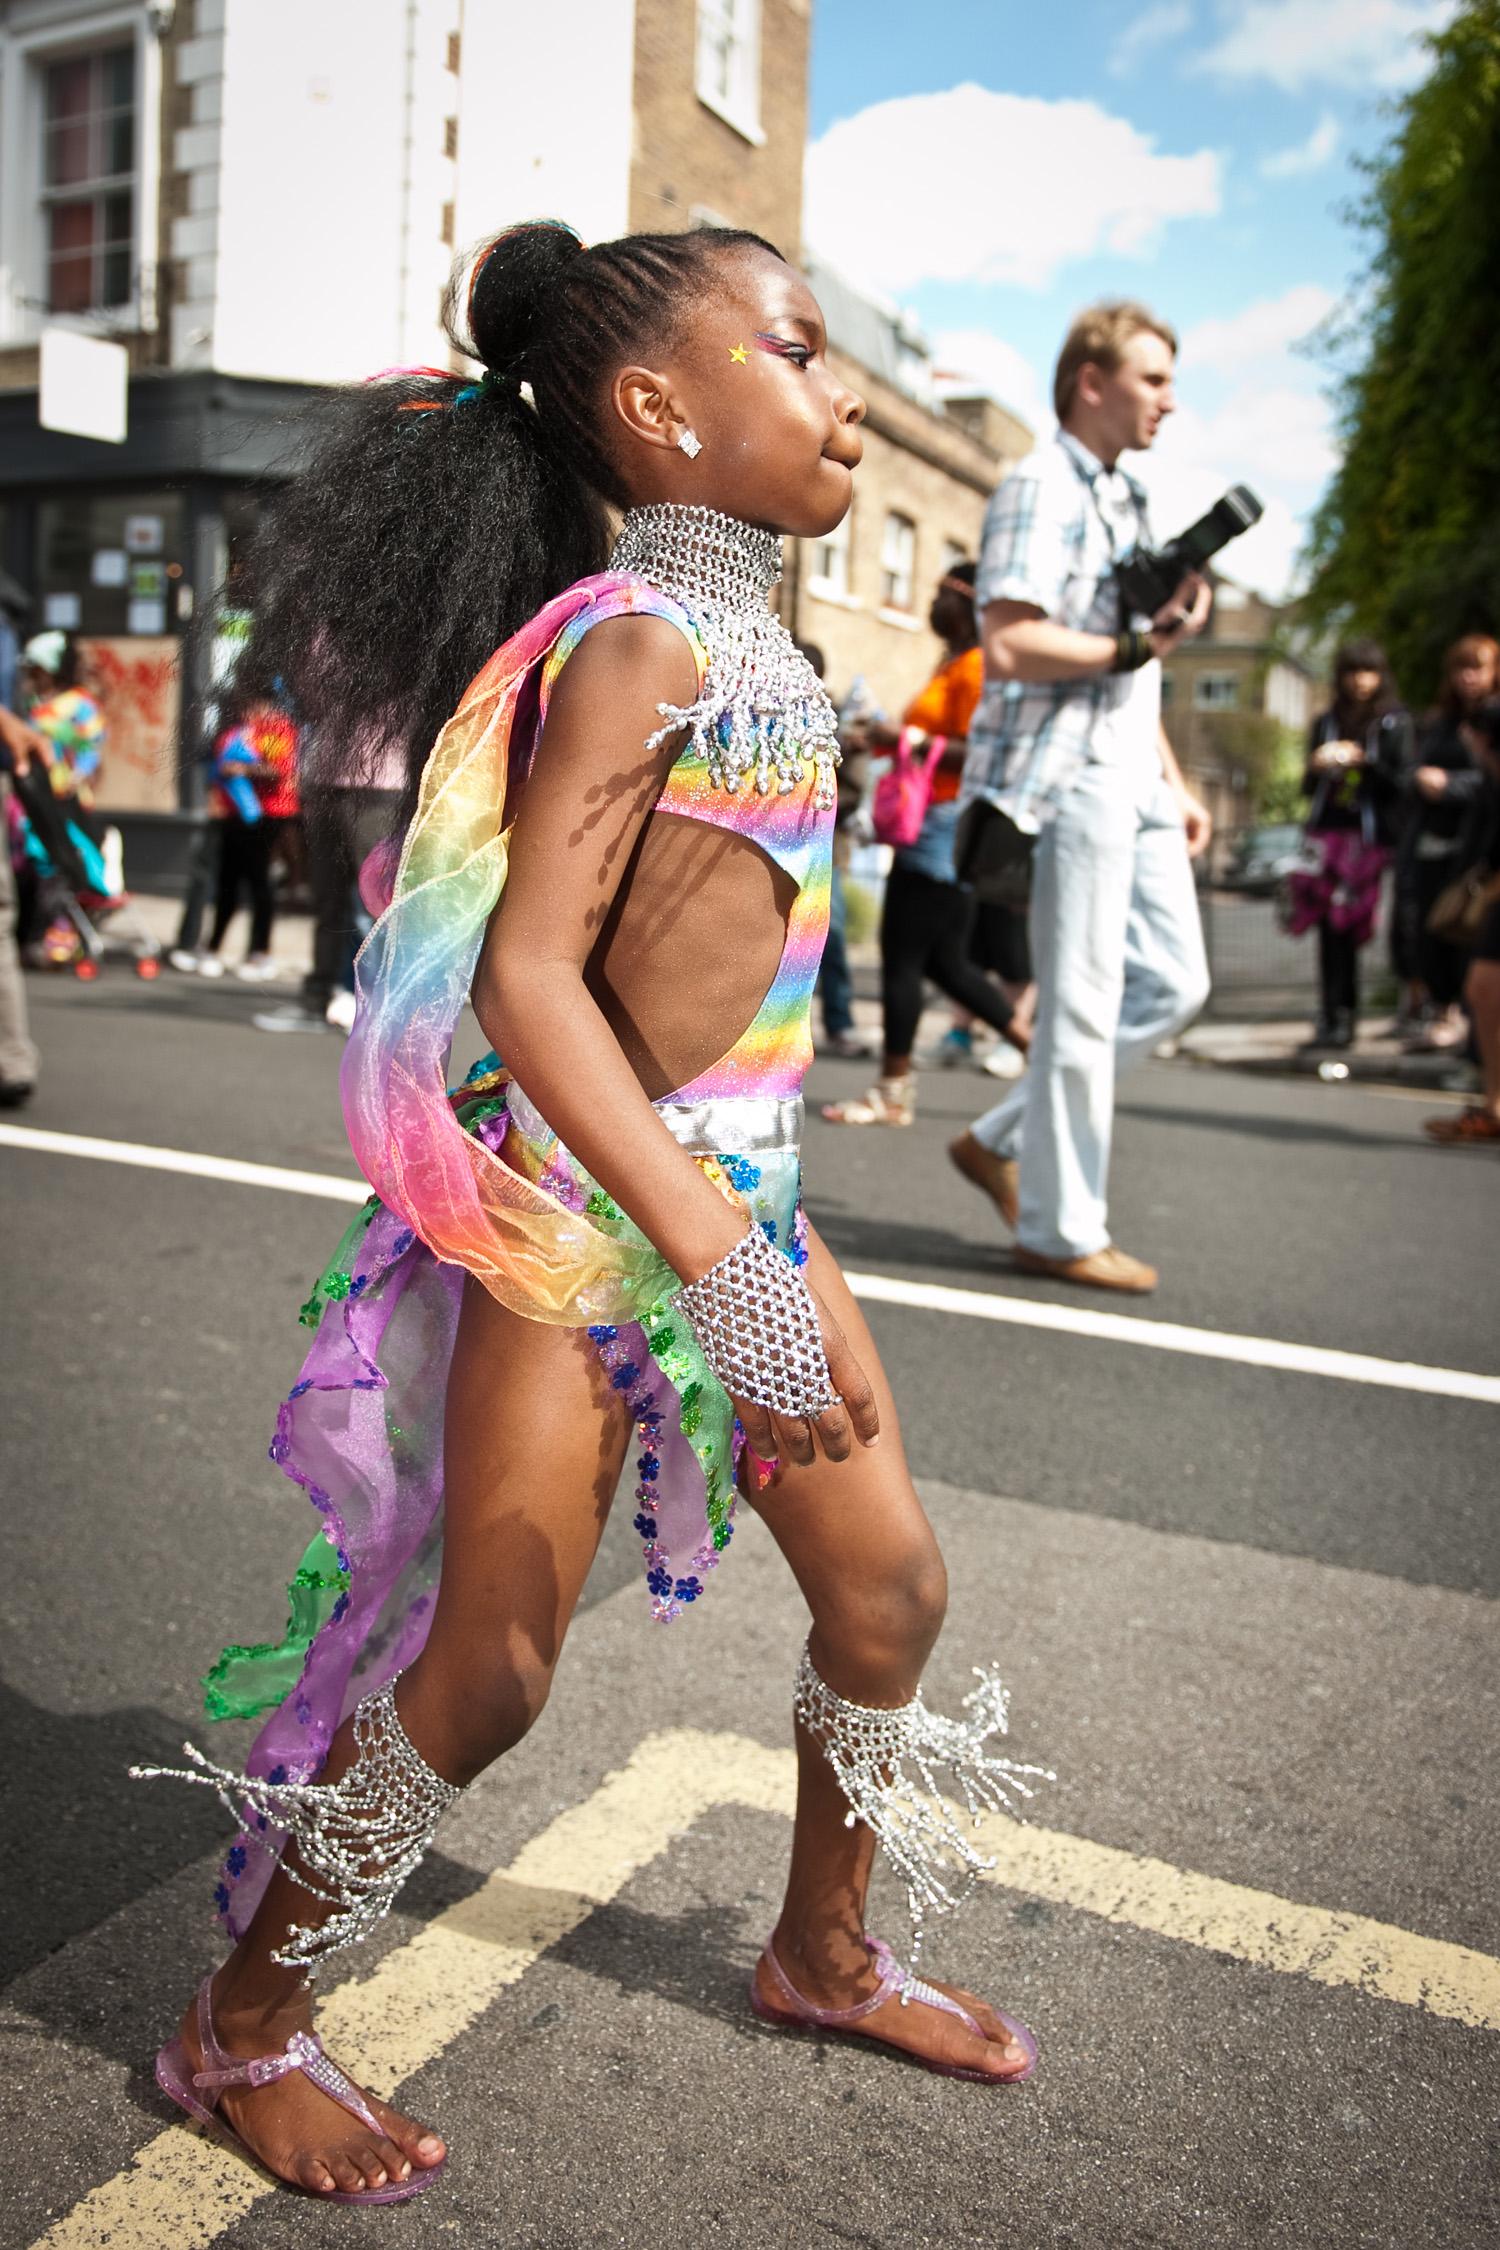 Carnival_the_Kids_09